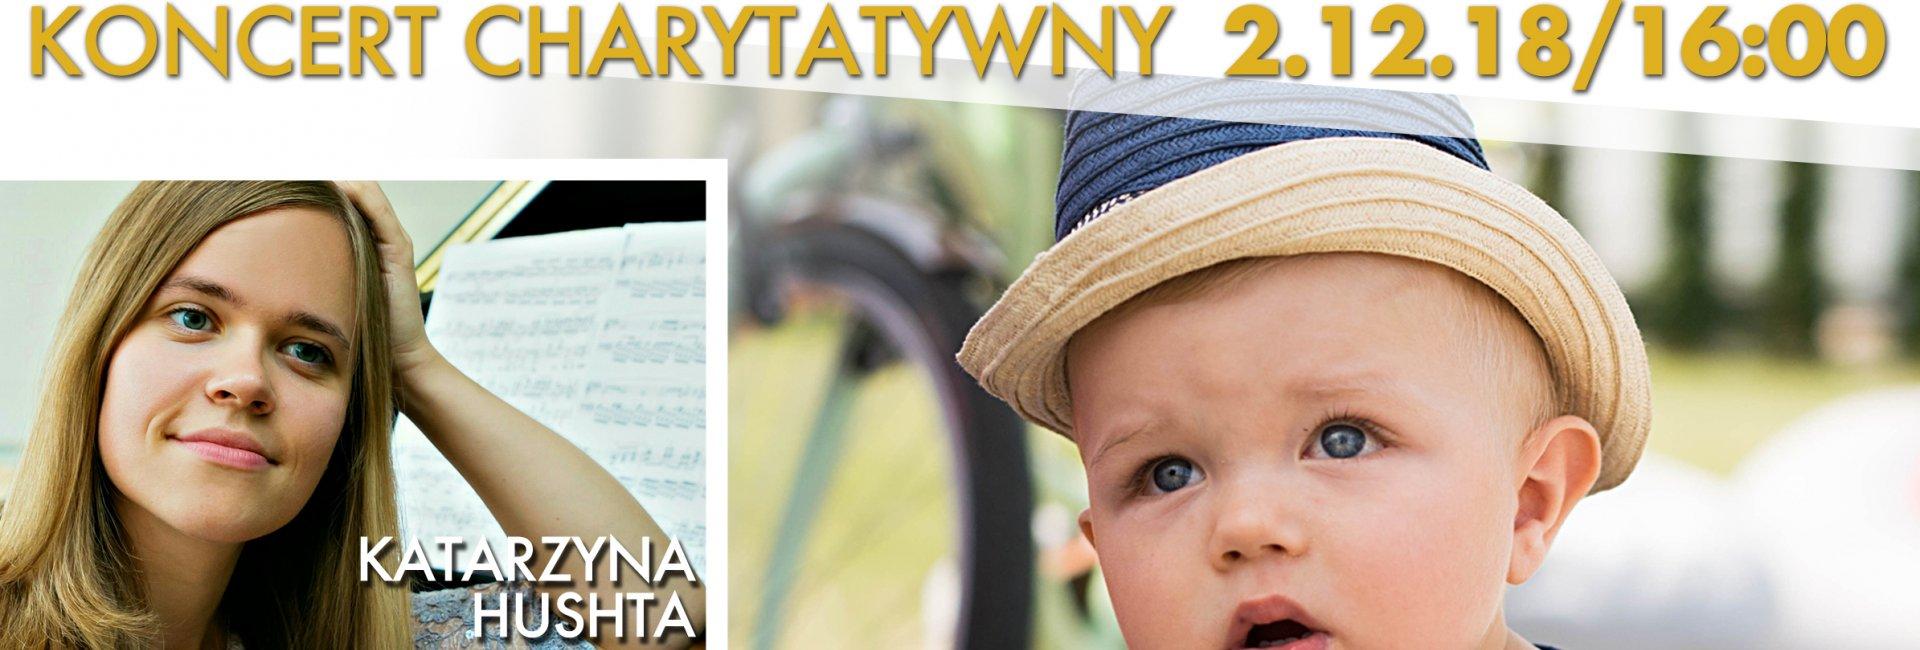 Gramy dla Antosia - Koncert charytatywny w Fabryce Wełny